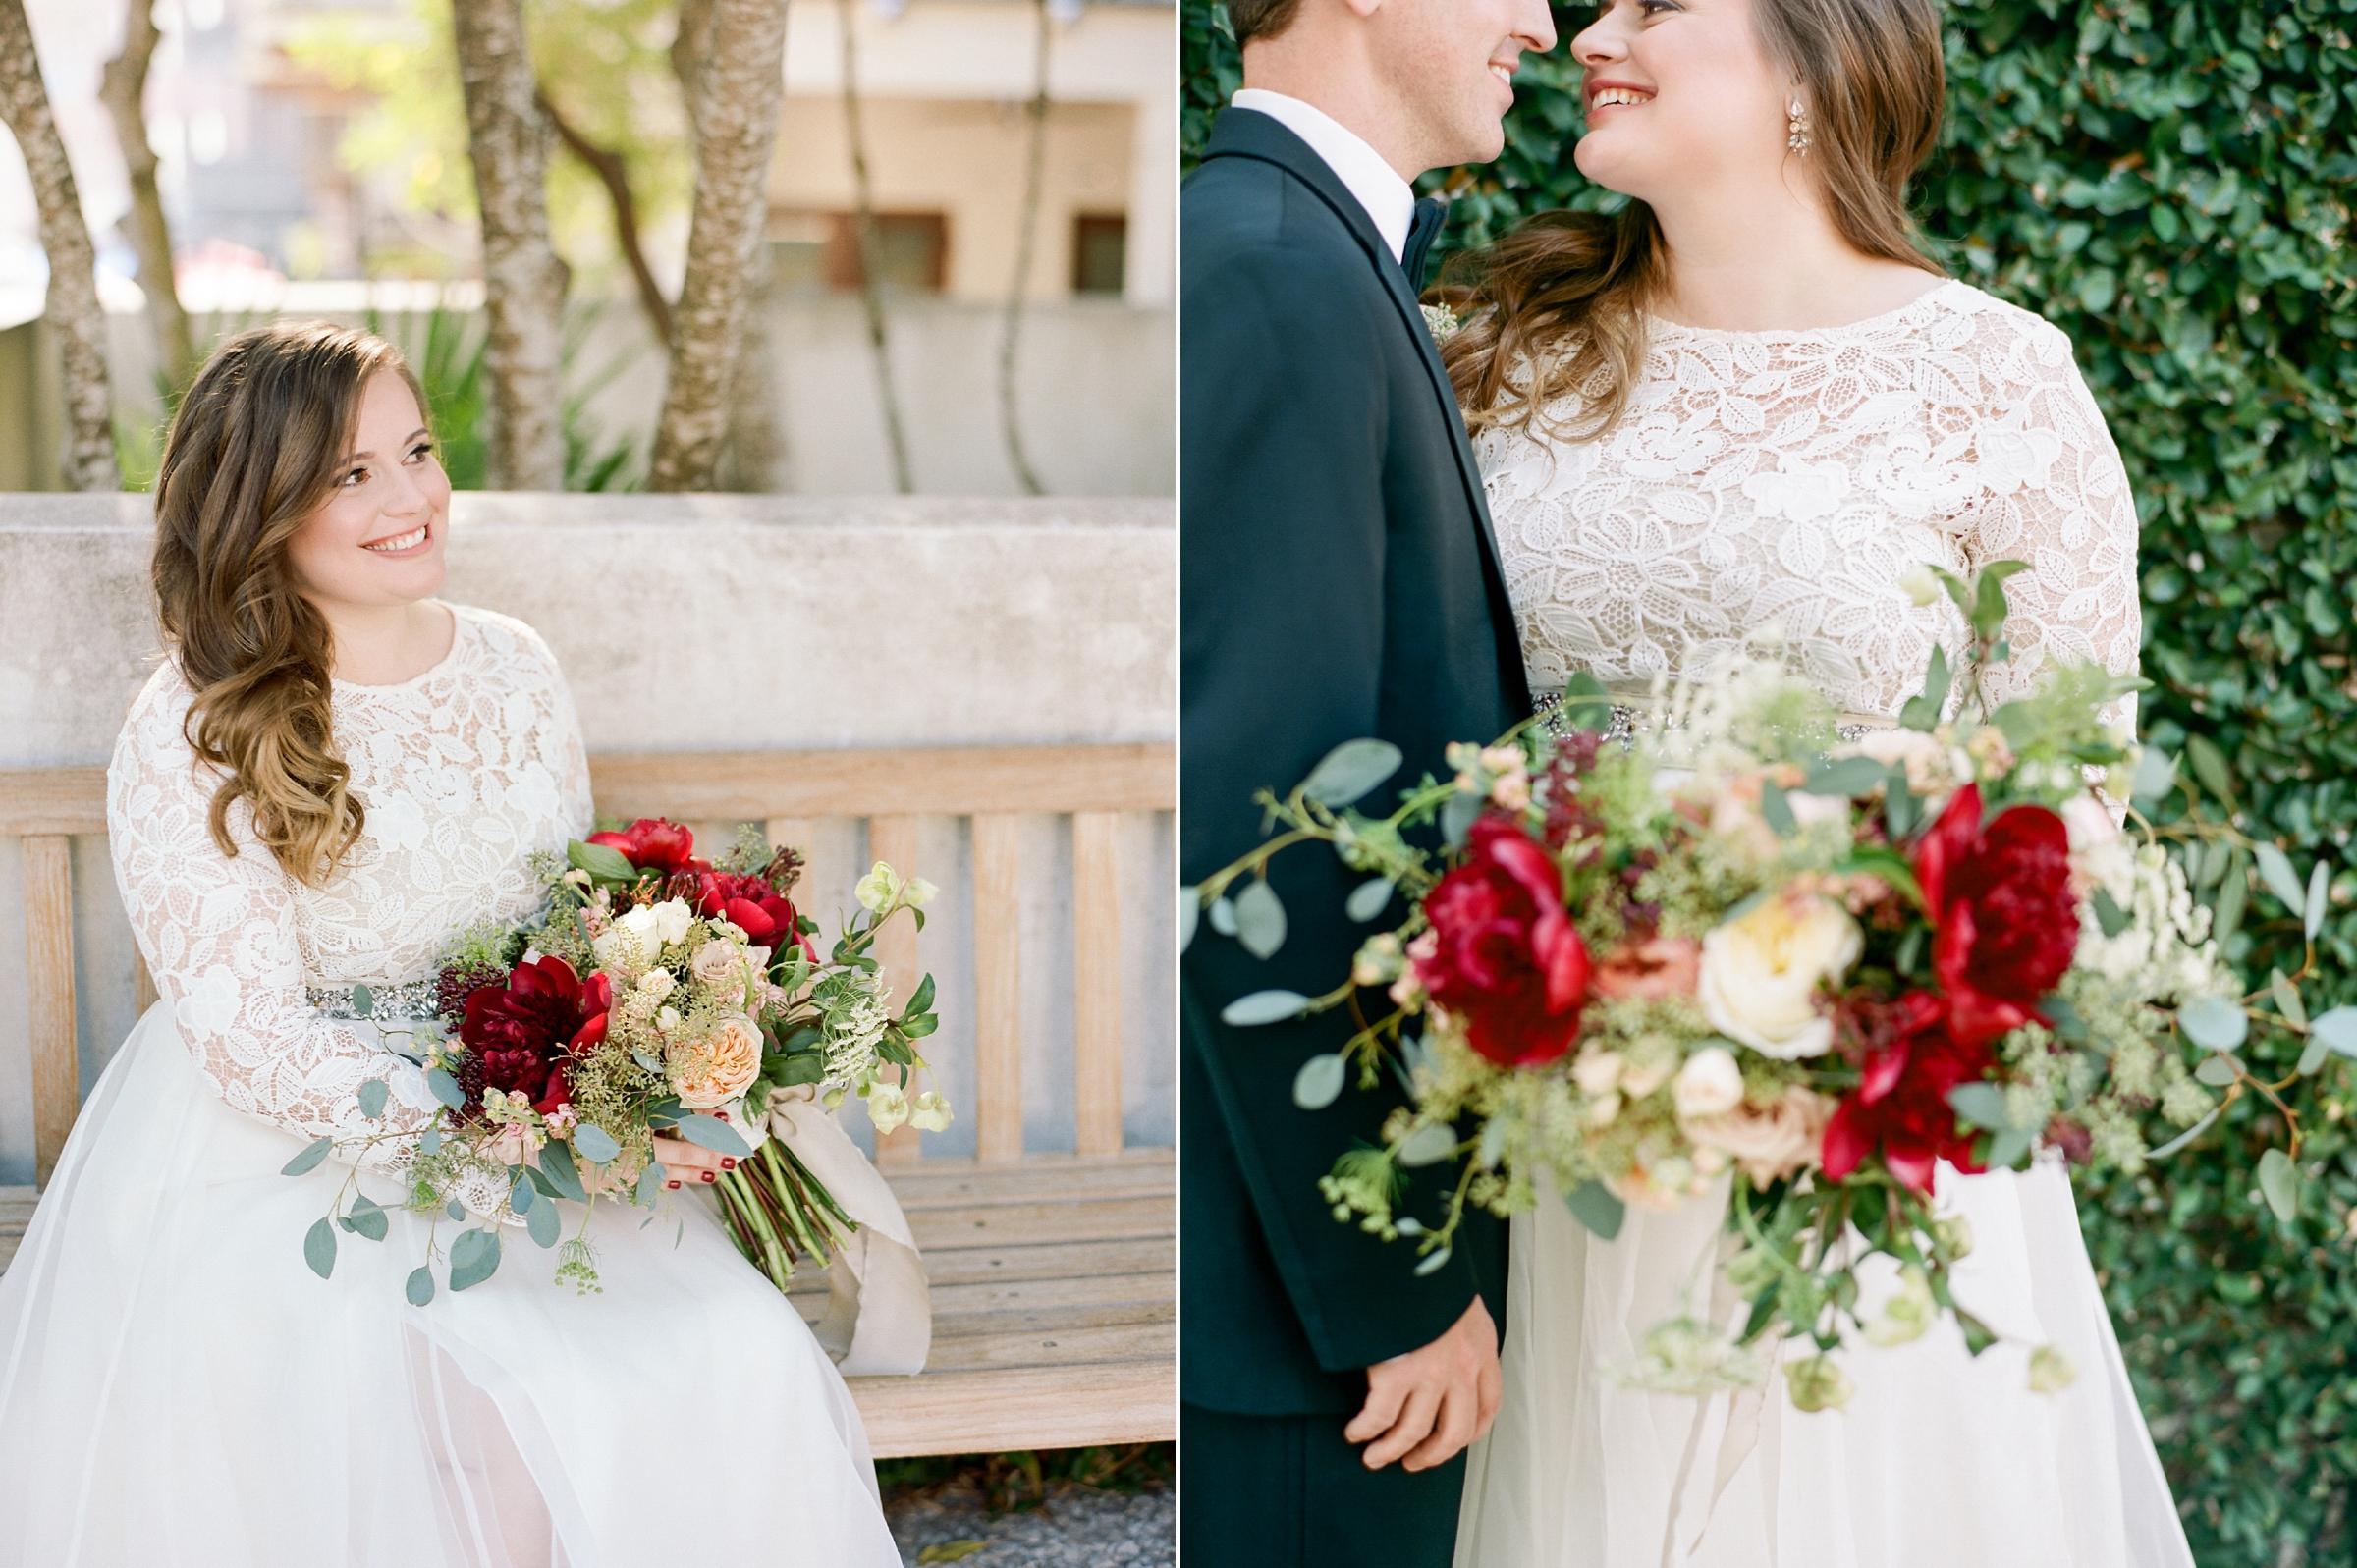 rosemary_beach_wedding_photographer_shannon_griffin_0027.jpg